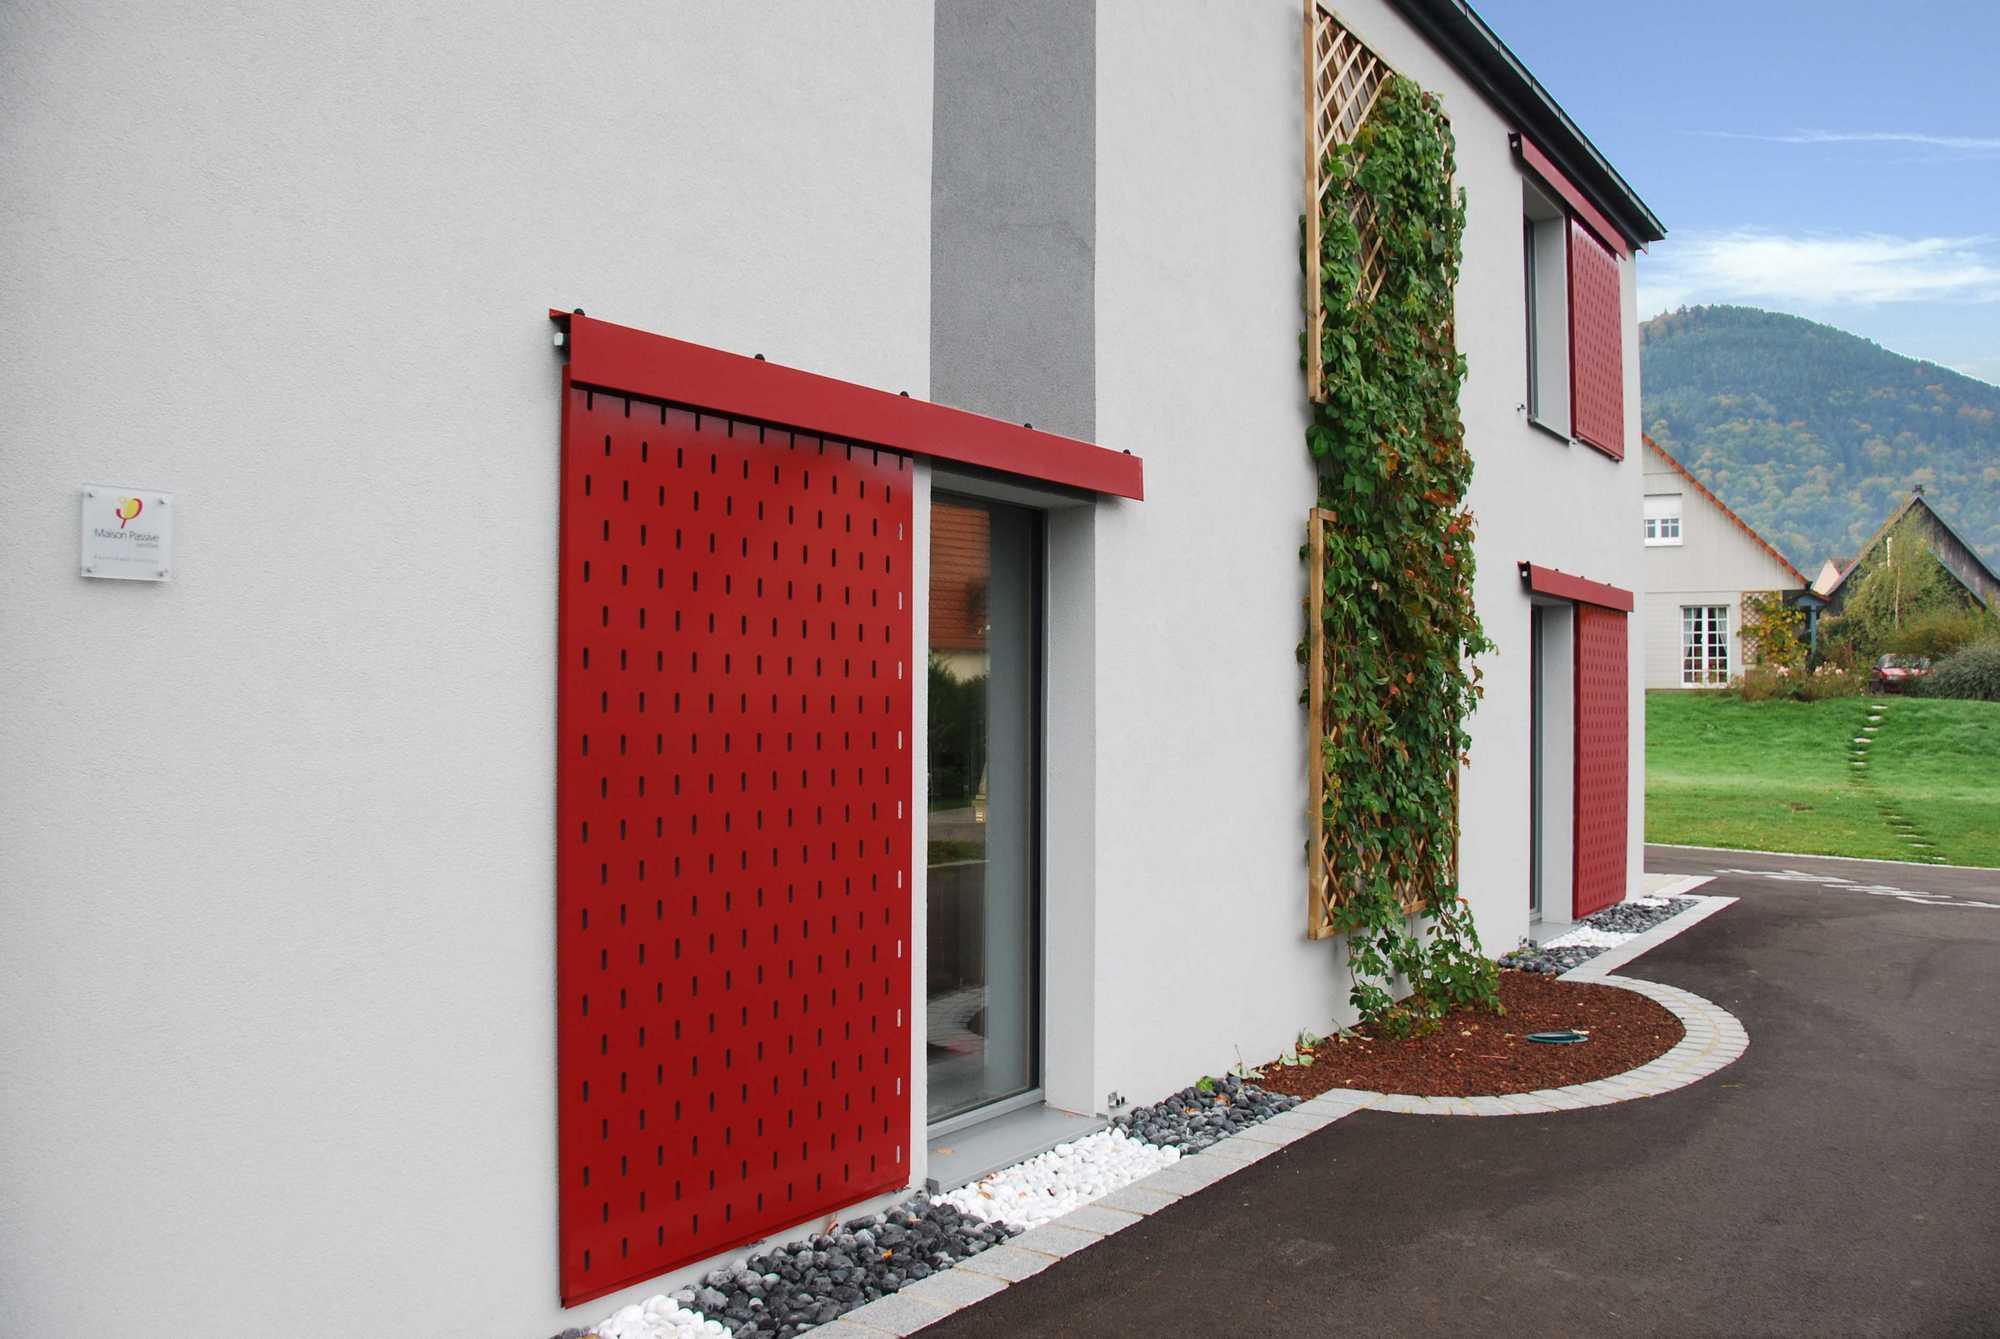 chlo la maison passive la maison passive alsace maisons passives bois en alsace architecte. Black Bedroom Furniture Sets. Home Design Ideas